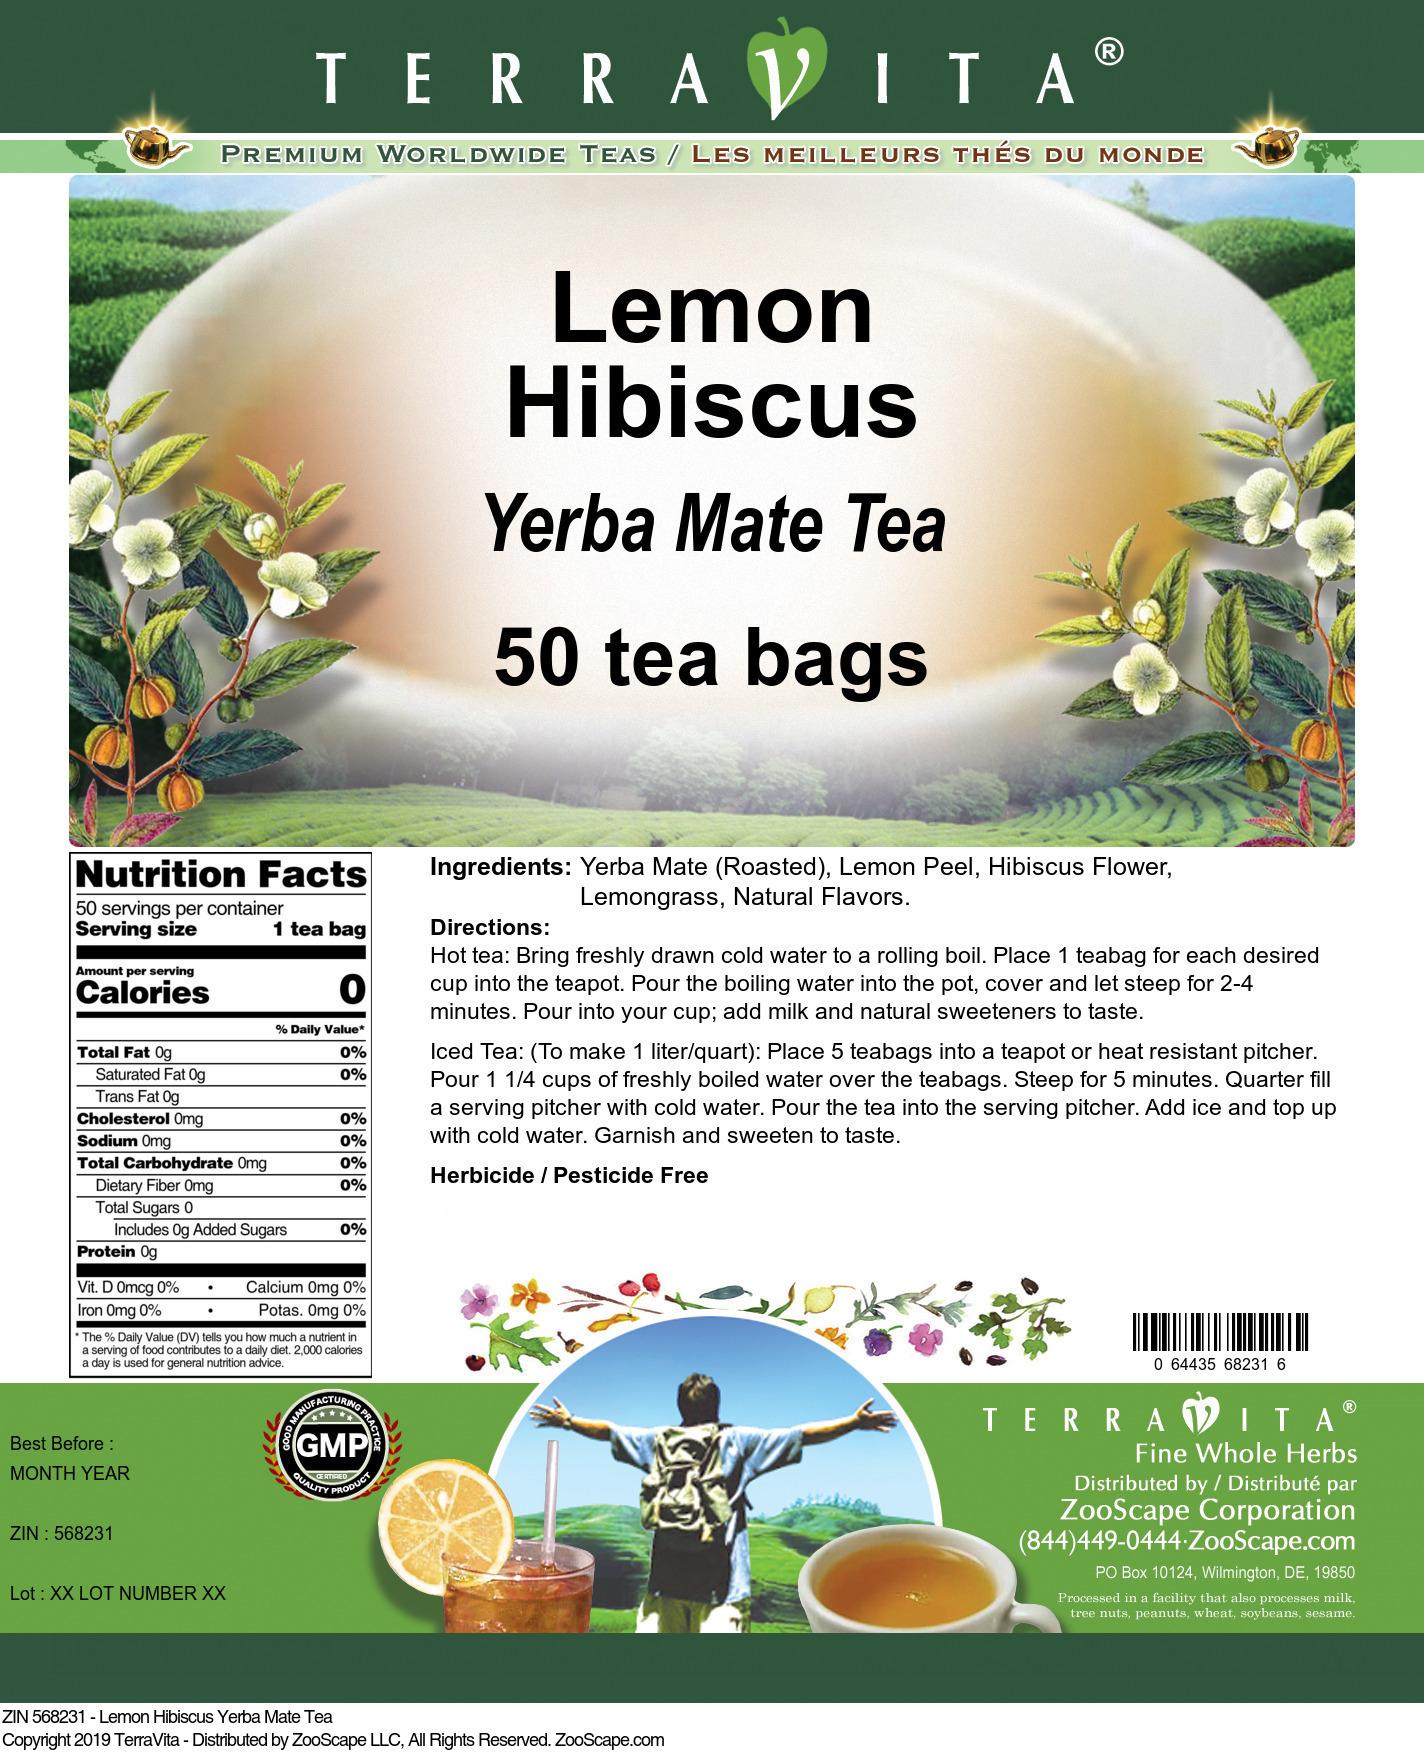 Lemon Hibiscus Yerba Mate